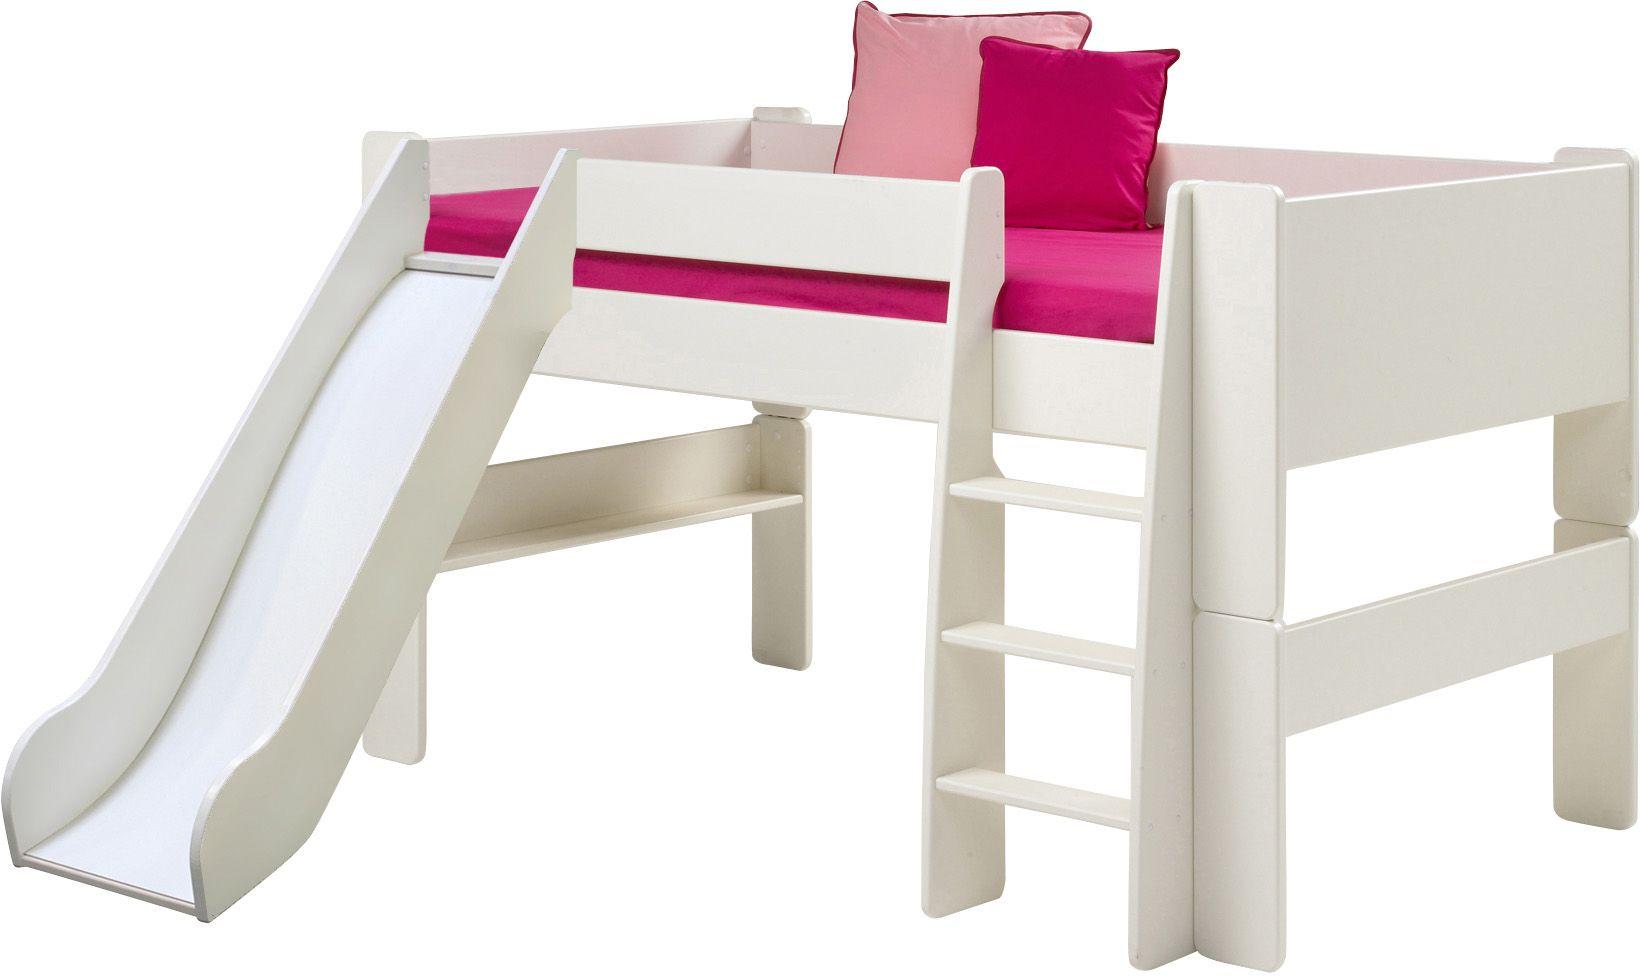 wohnzimmereinrichtung landhausstil. Black Bedroom Furniture Sets. Home Design Ideas